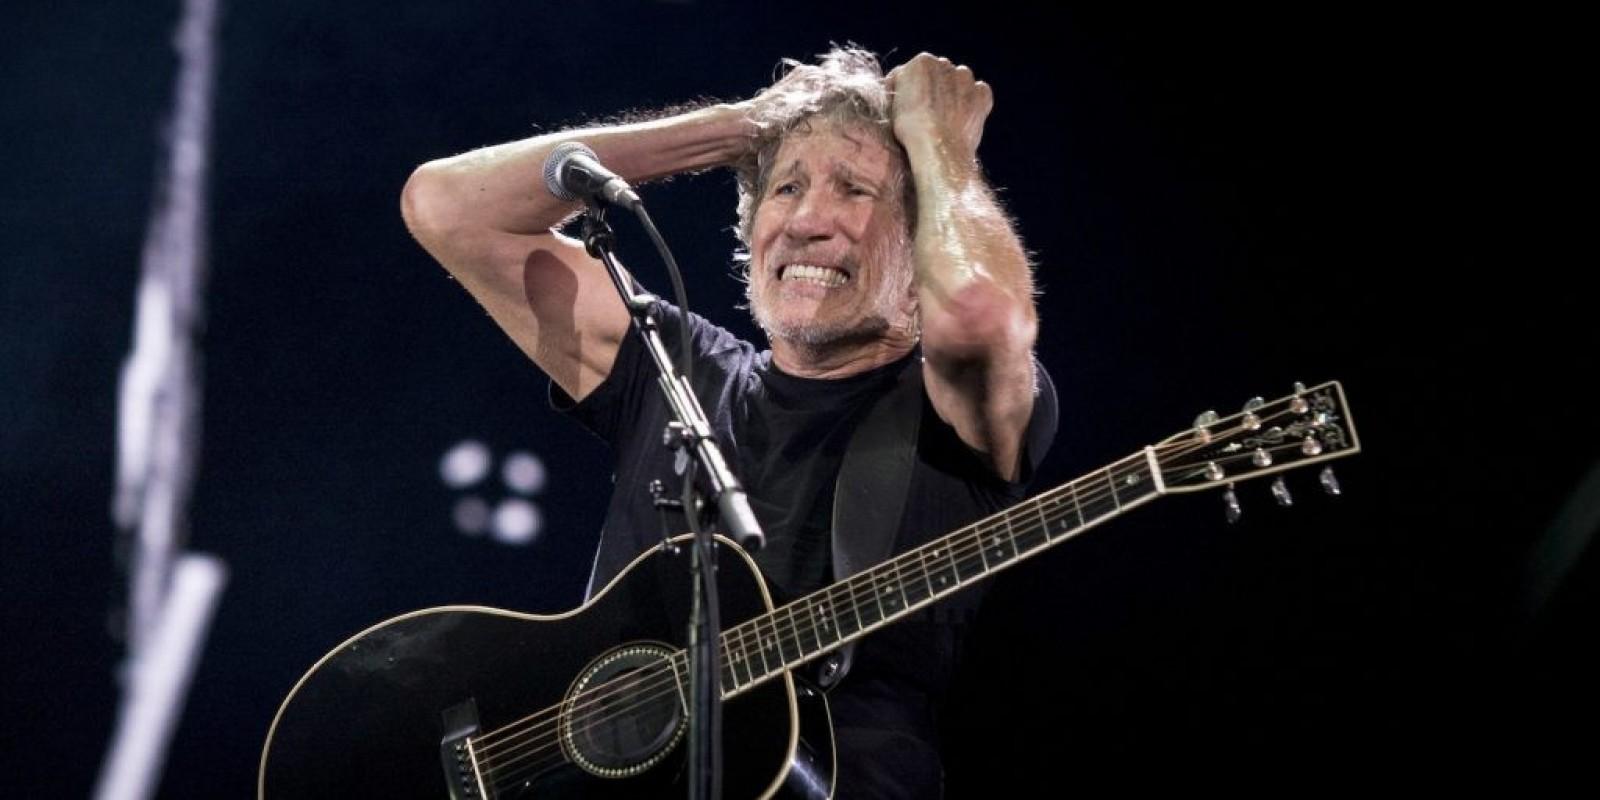 Roger Waters mostra #Elenão no telão, leva vaia de 5 minutos, mas termina show